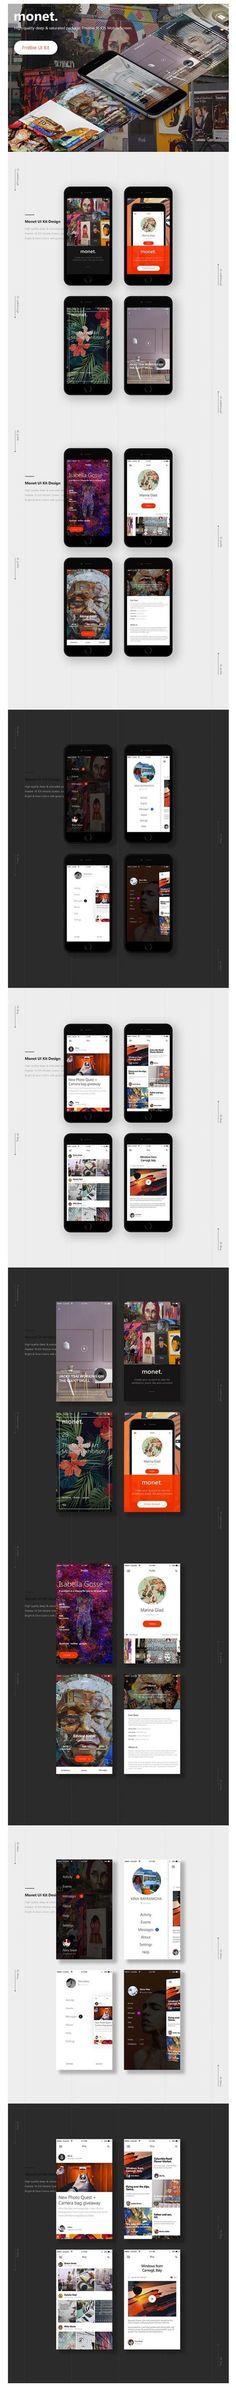 Free PSD iOS App UI Kit: Monet by Konul Bayramova: